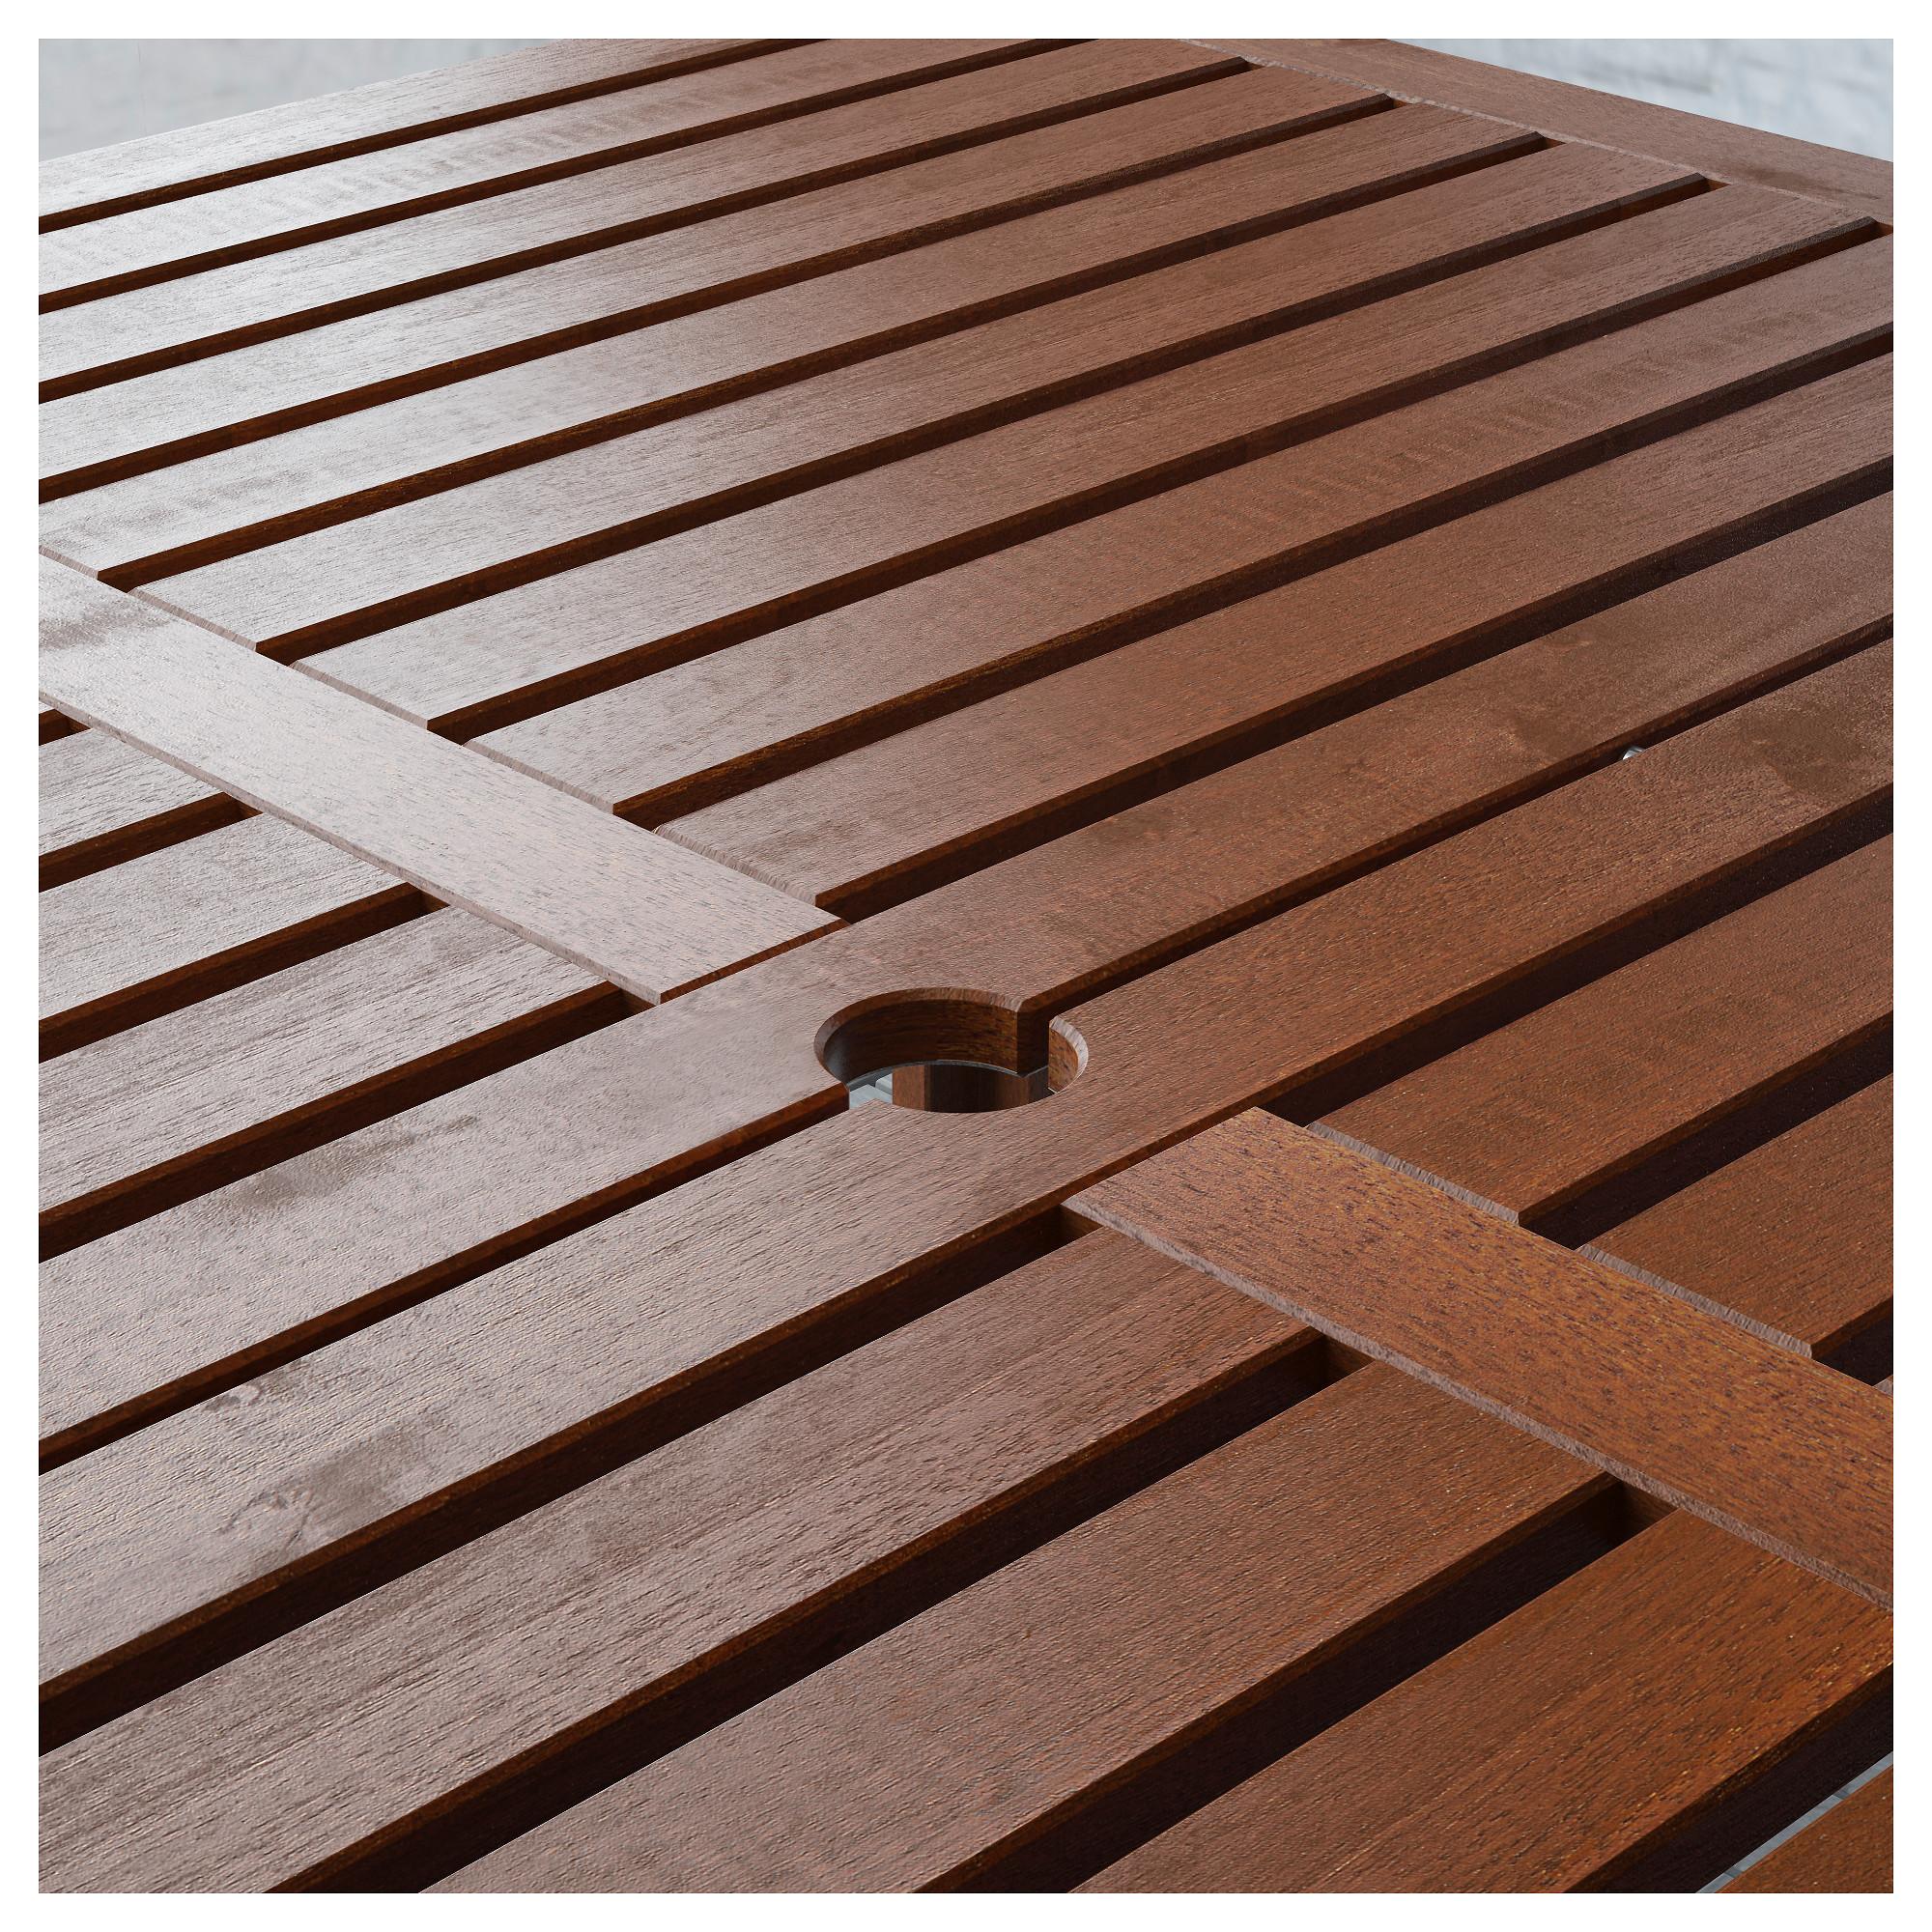 Садовый стол ЭПЛАРО артикуль № 703.763.49 в наличии. Интернет сайт IKEA РБ. Быстрая доставка и монтаж.